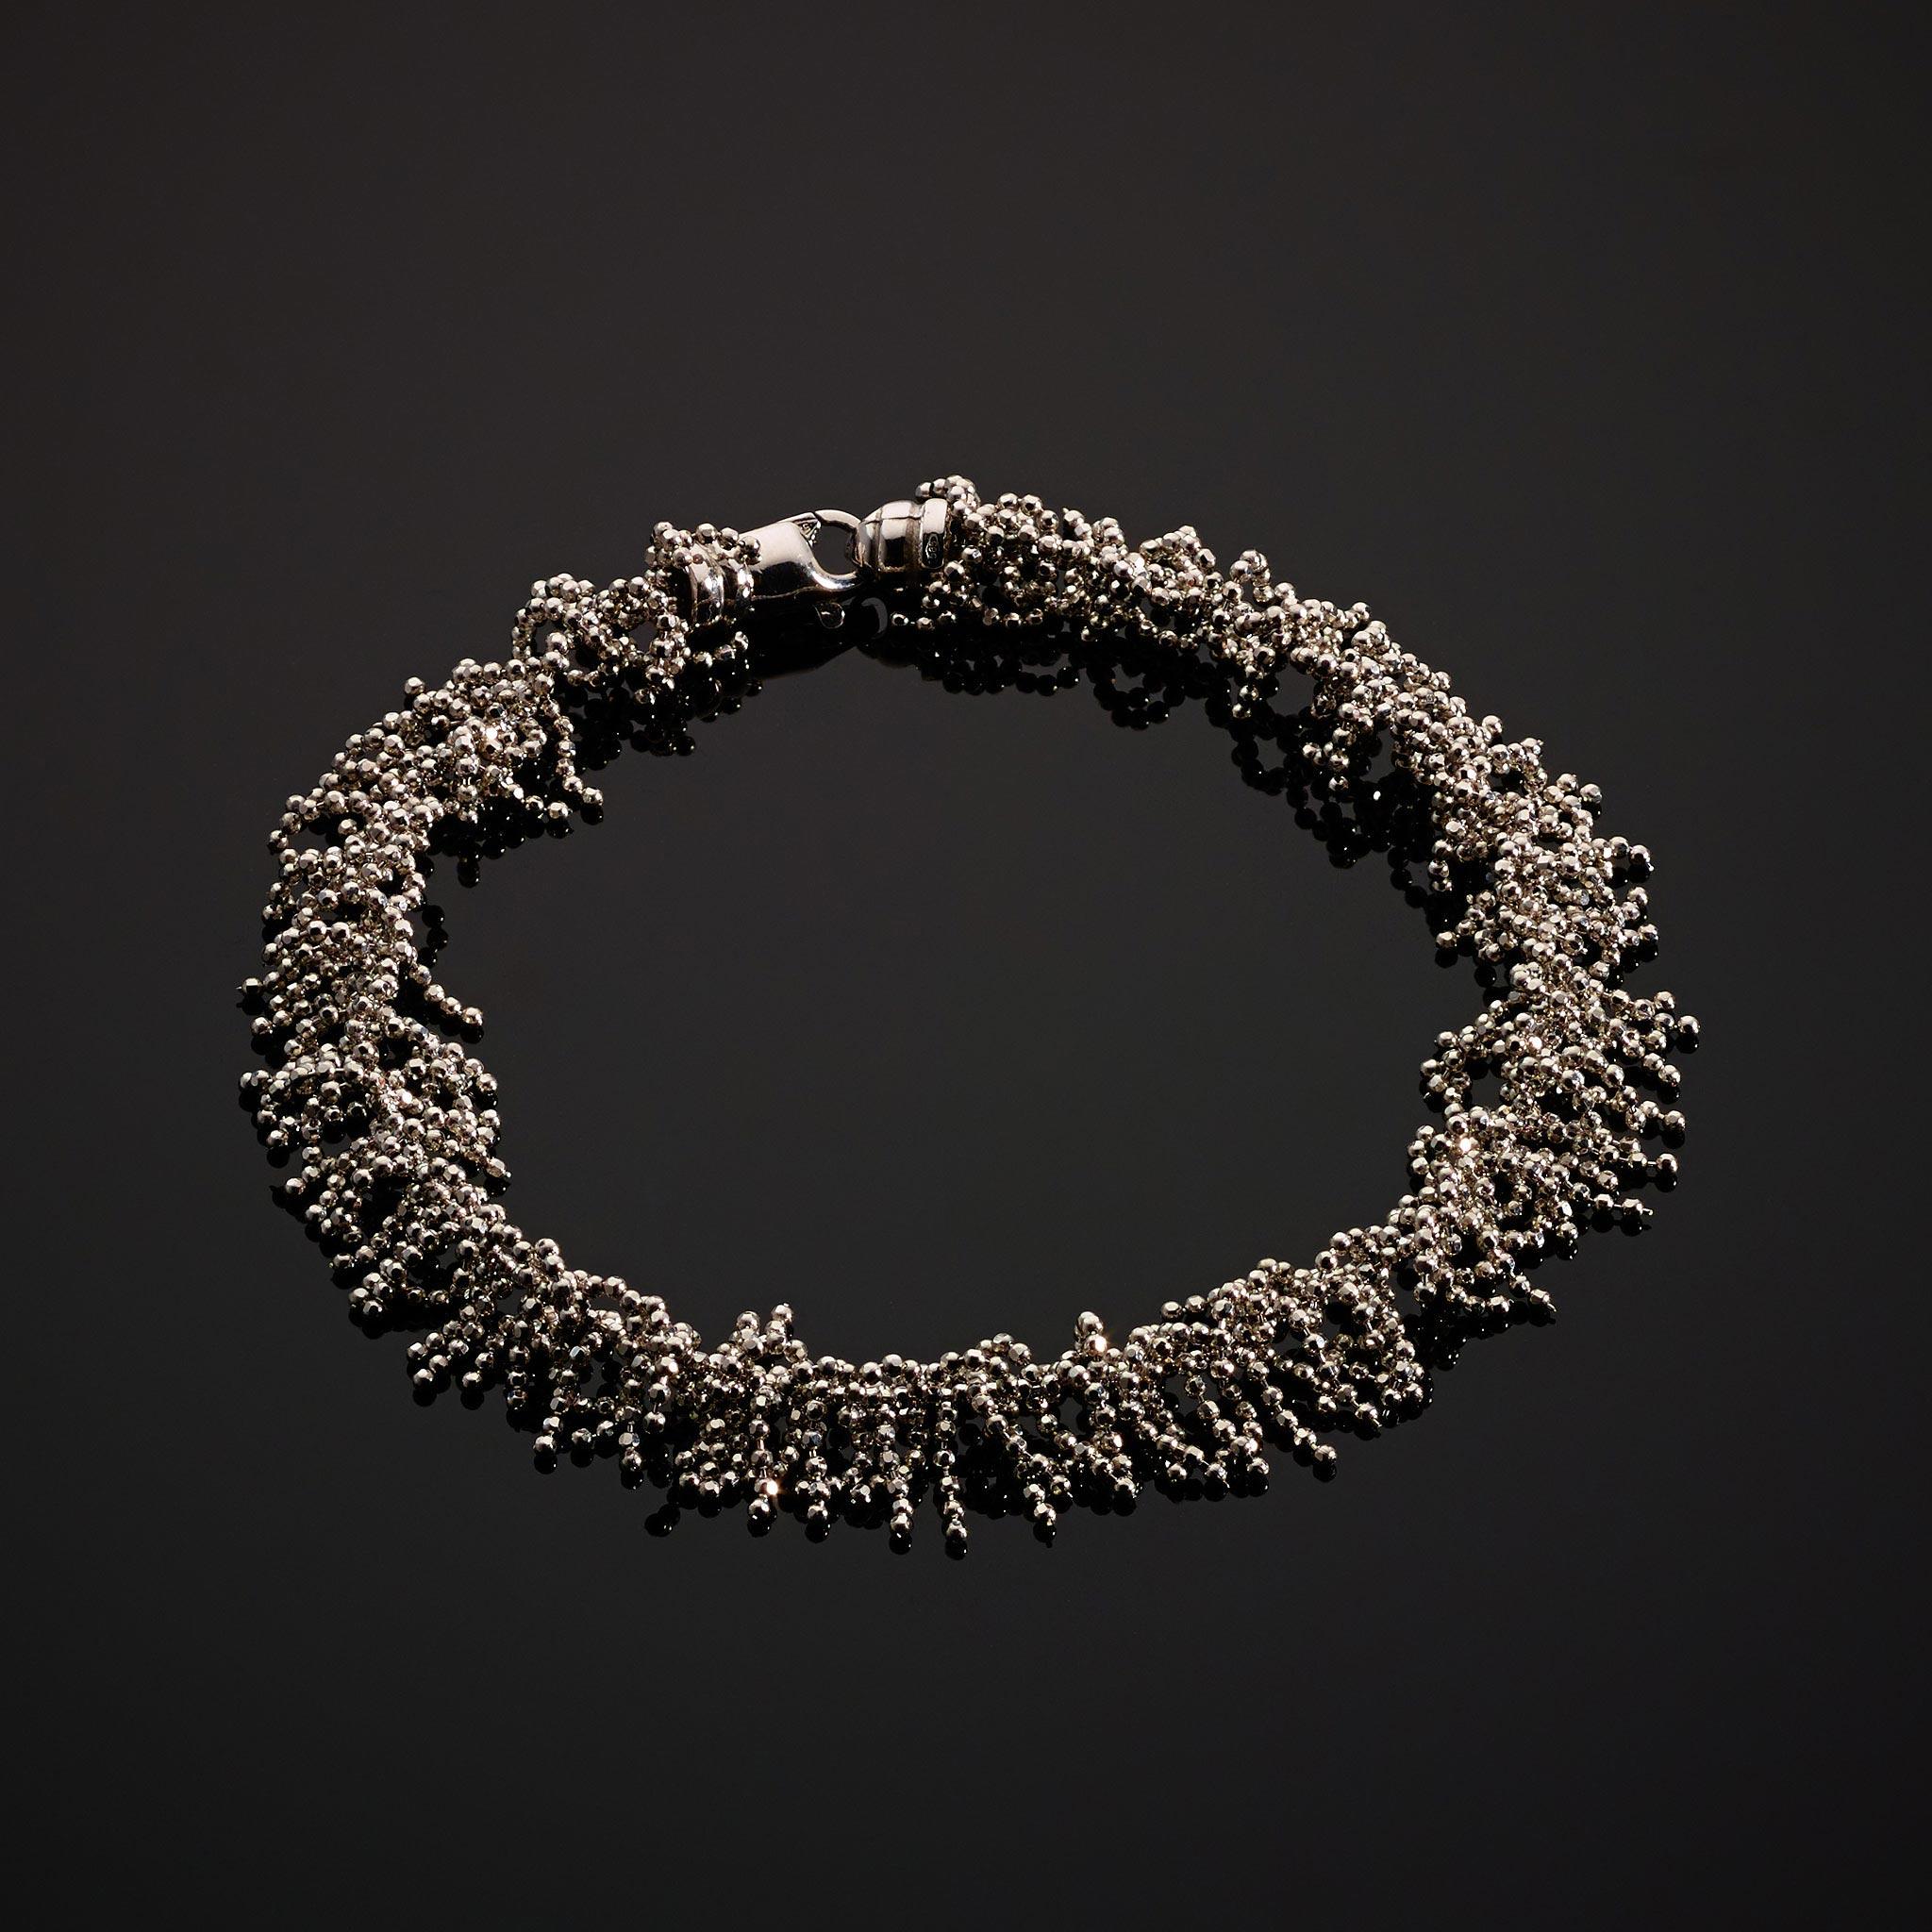 jewelry_014.jpg